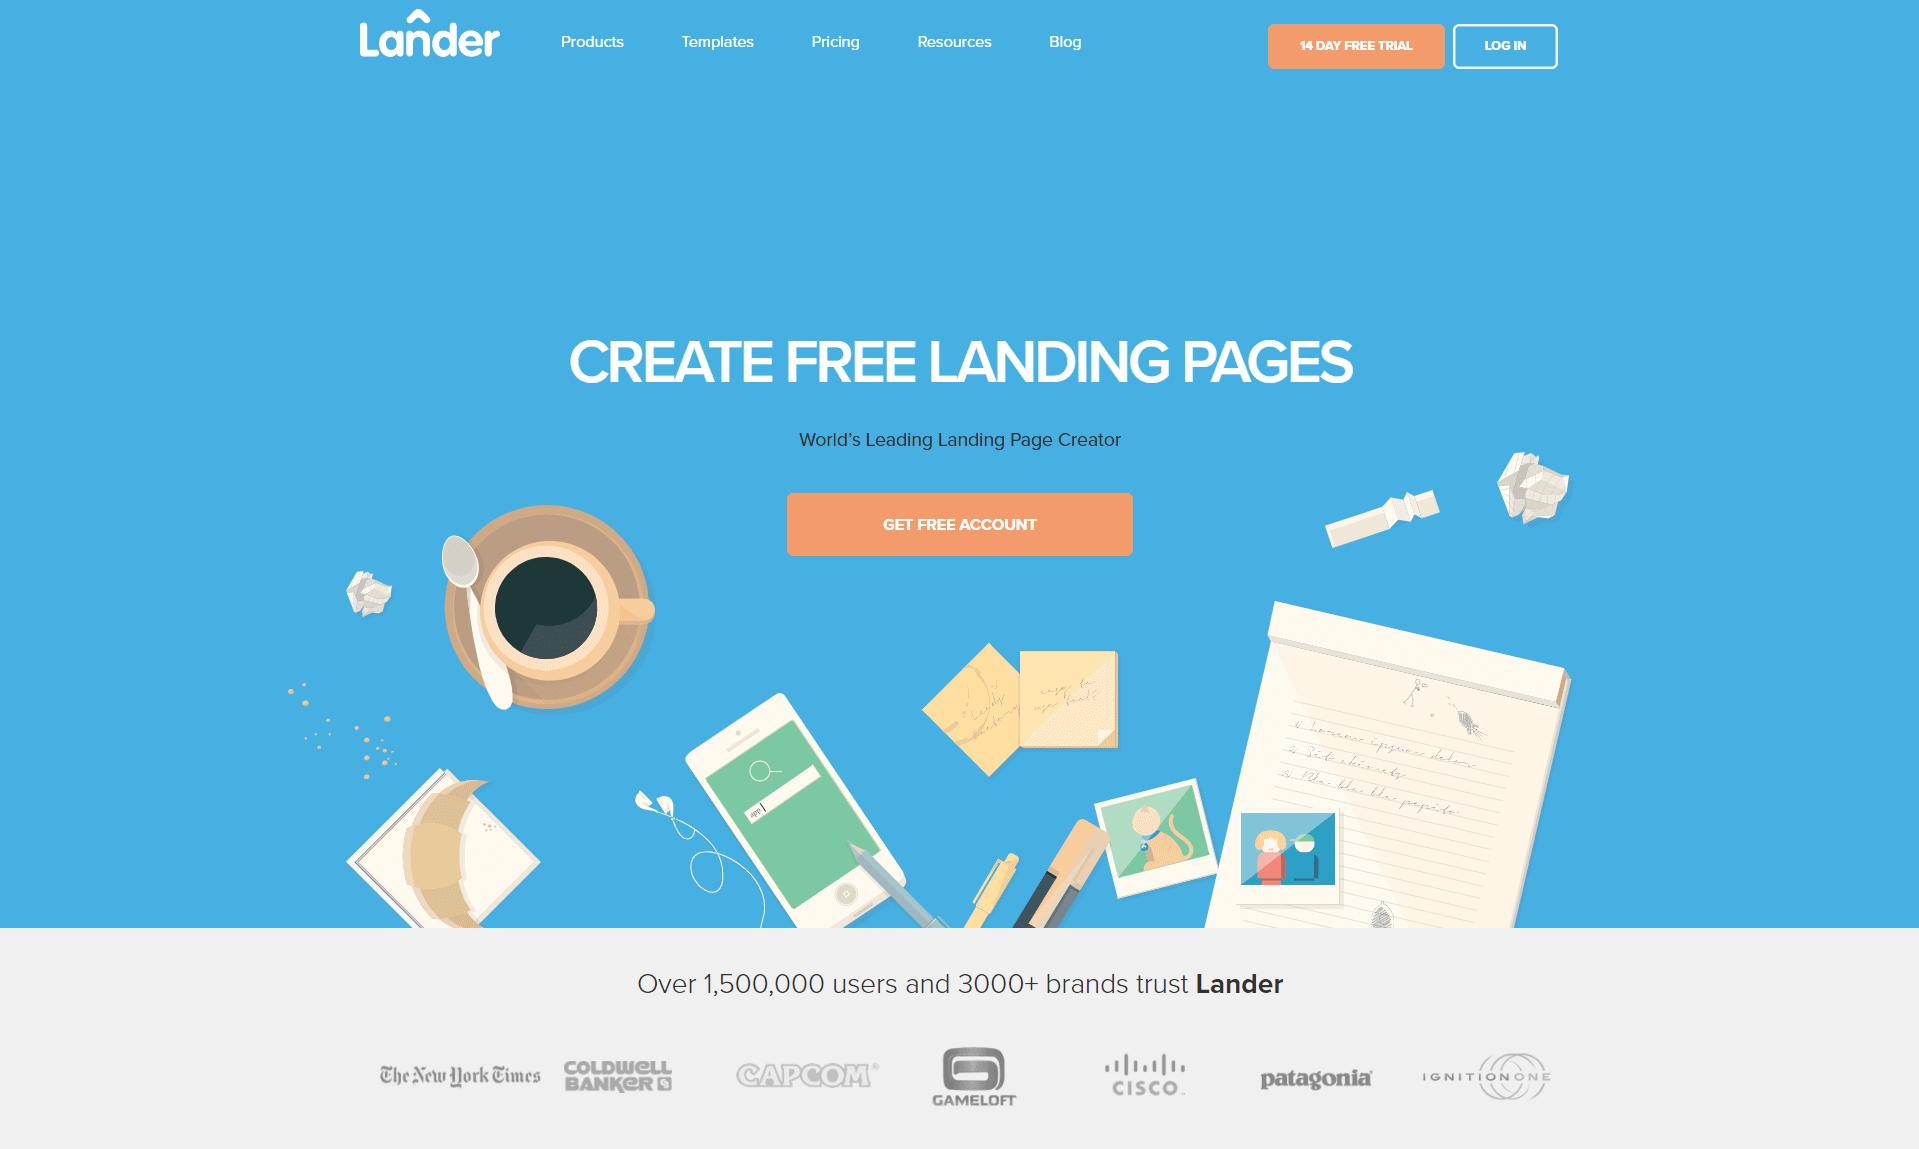 Lander App homepage